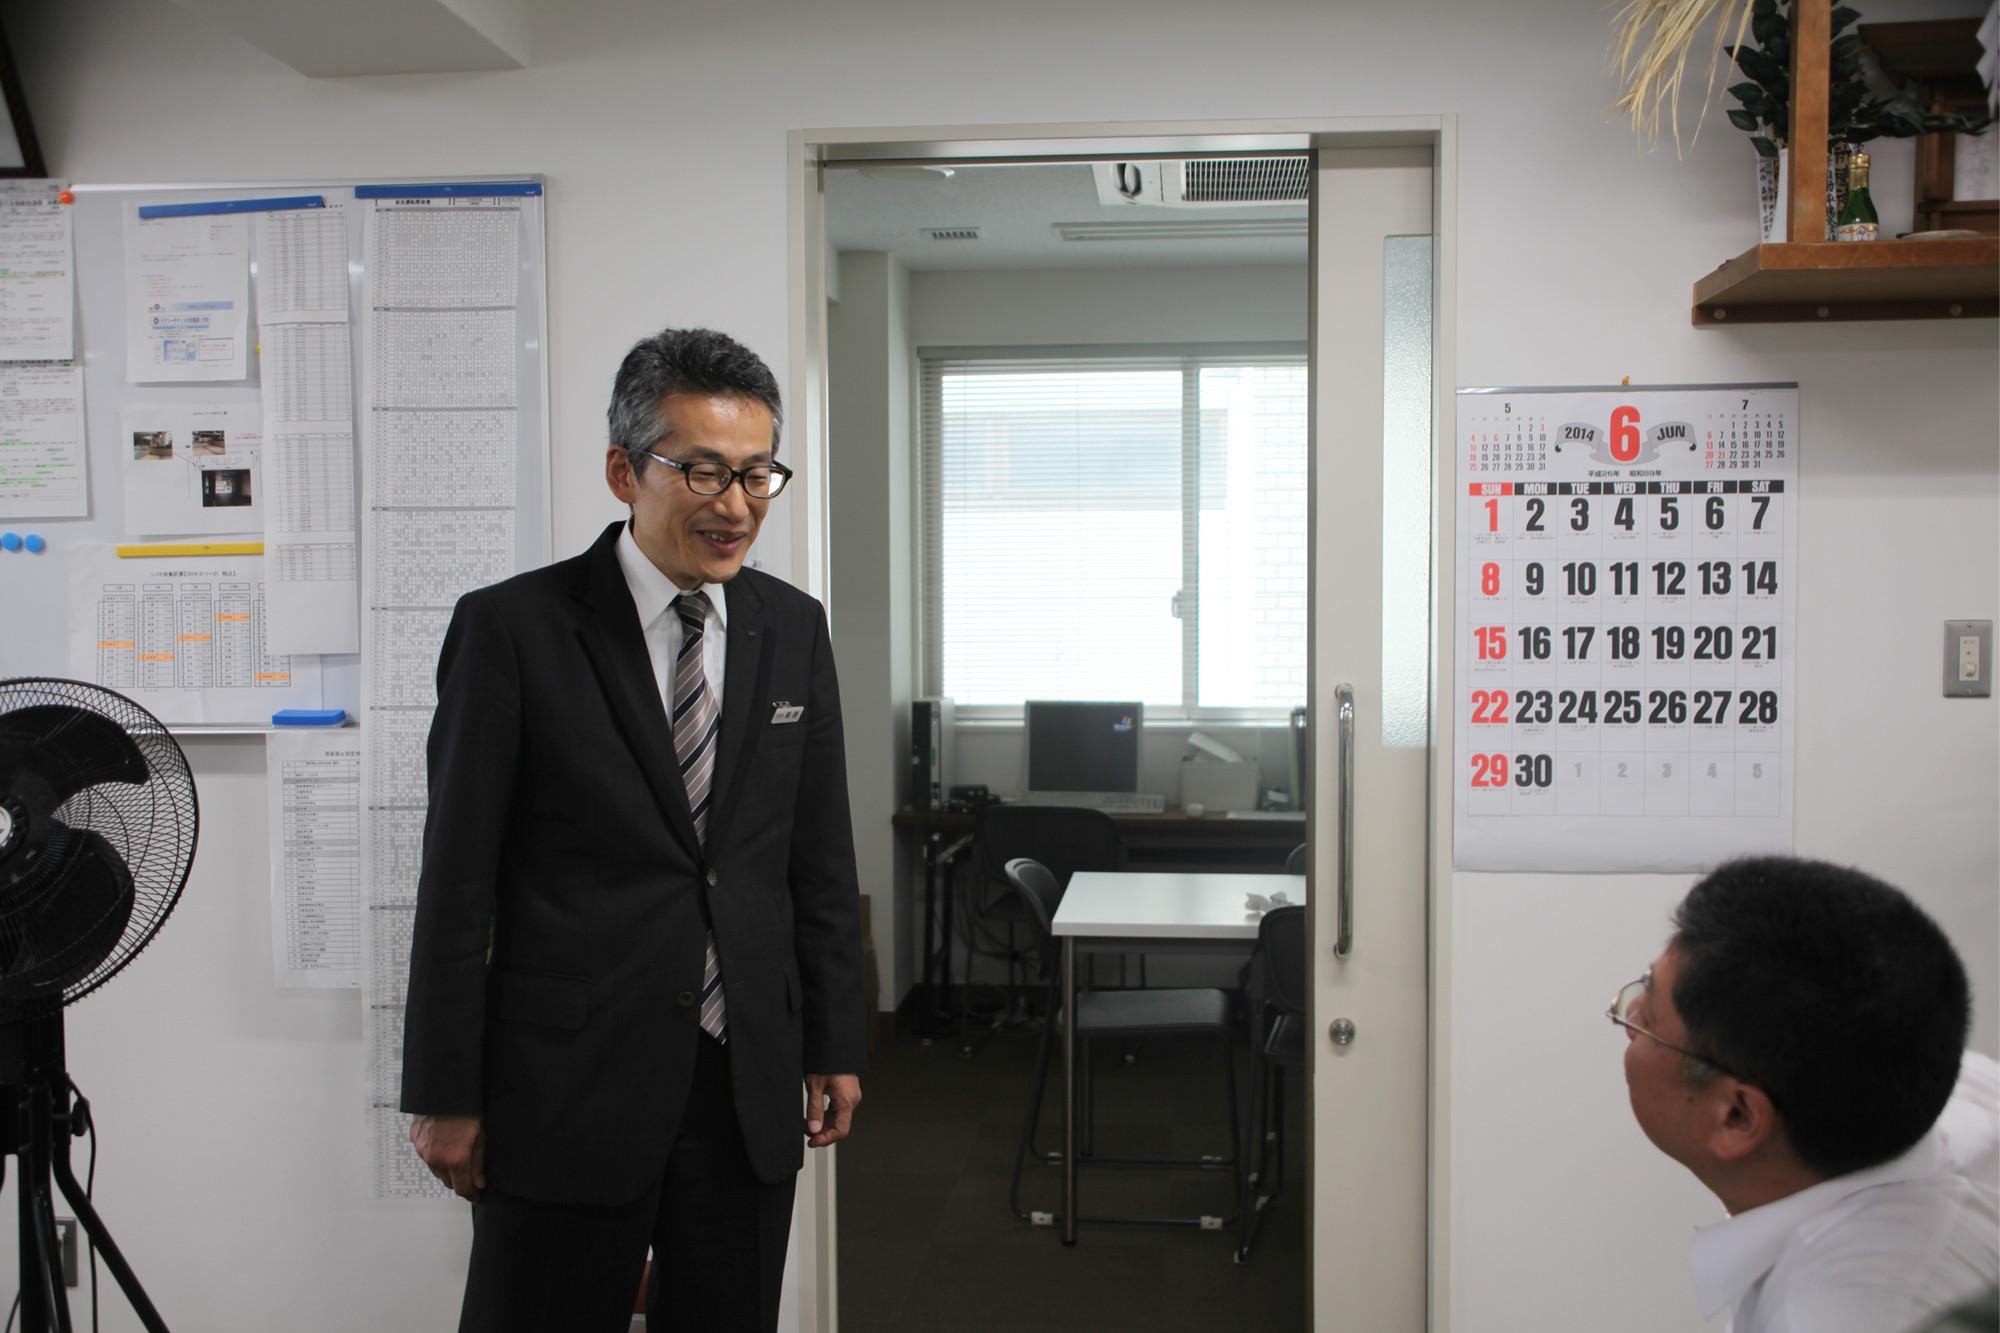 同僚と話をしている、50代で転職した国際自動車(㎞タクシー)のタクシードライバー栗原さんの写真